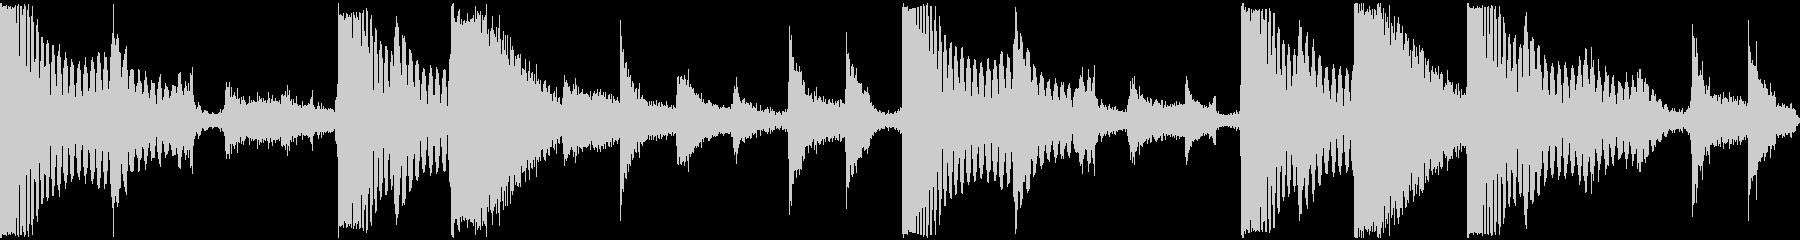 ドンドコドラムの未再生の波形